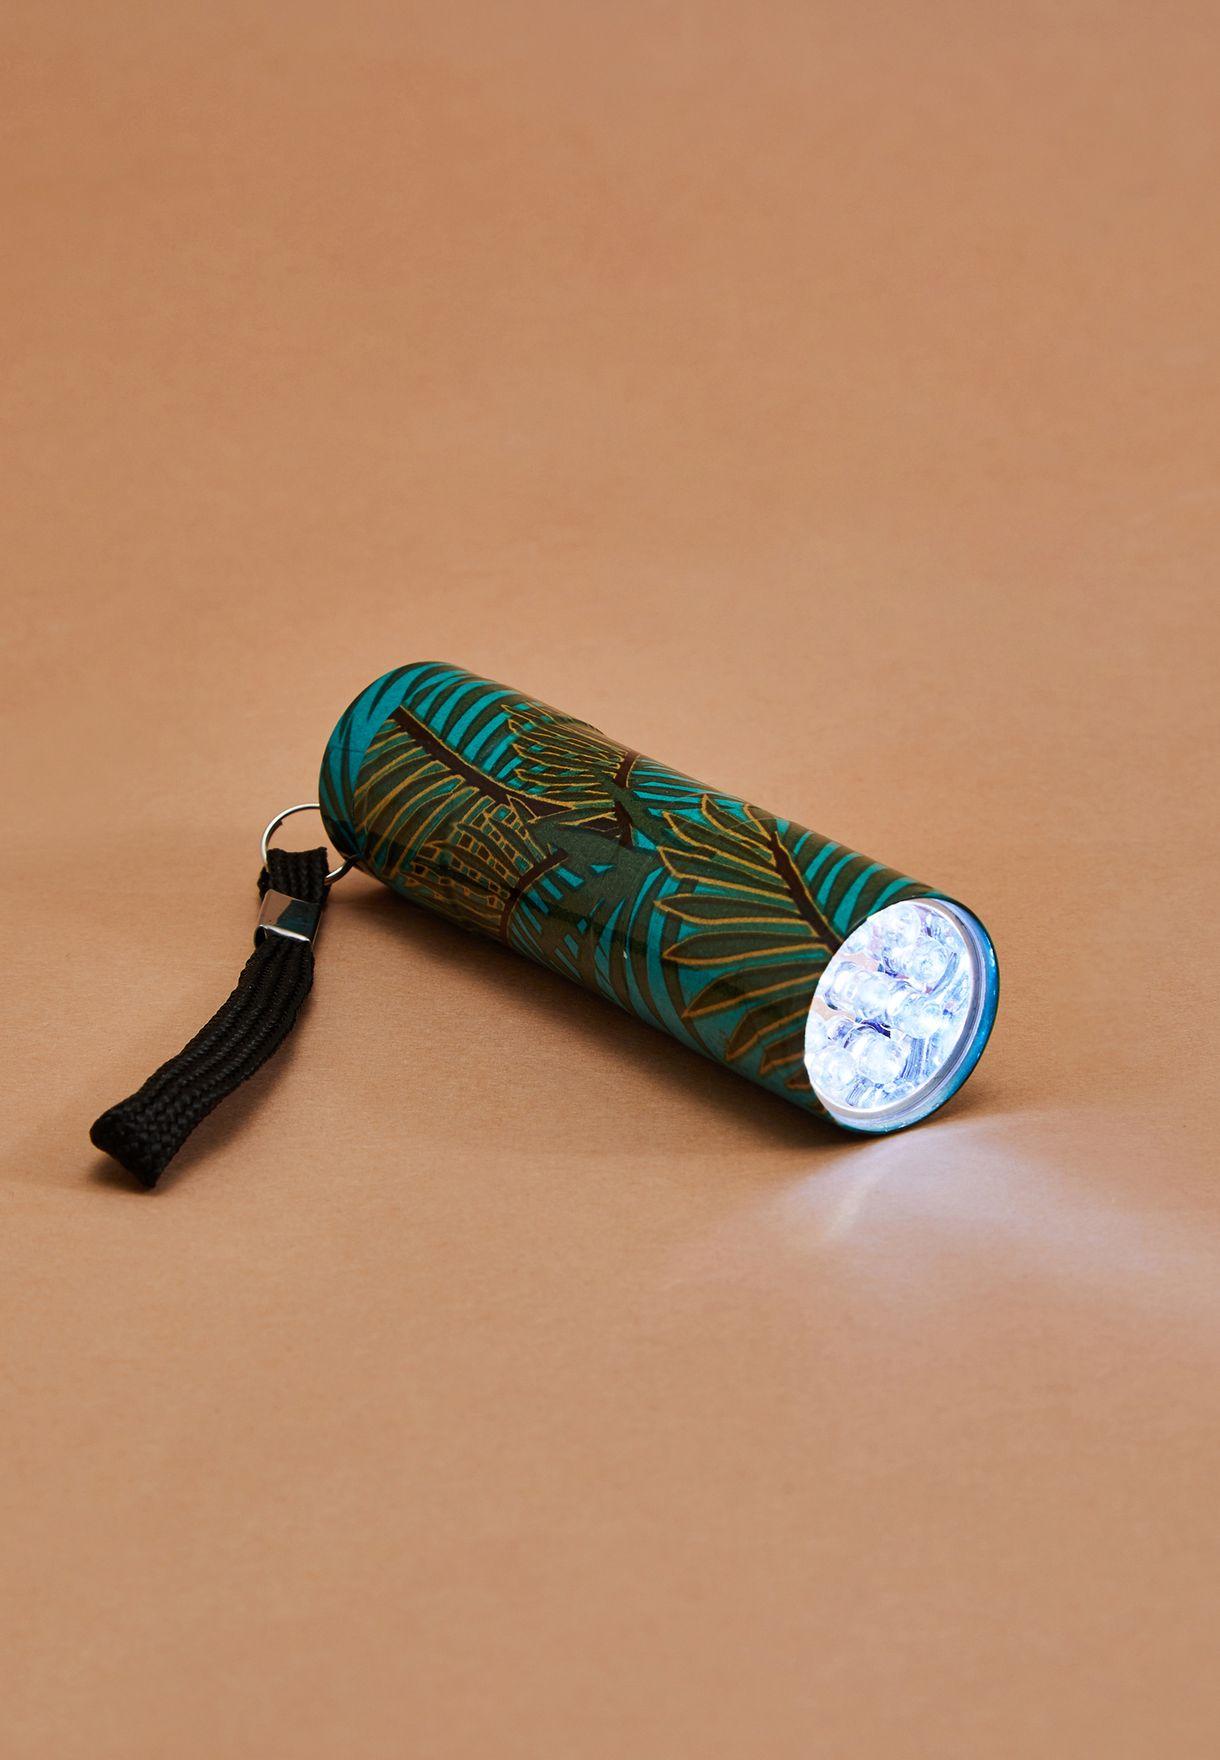 Safari Flashlight